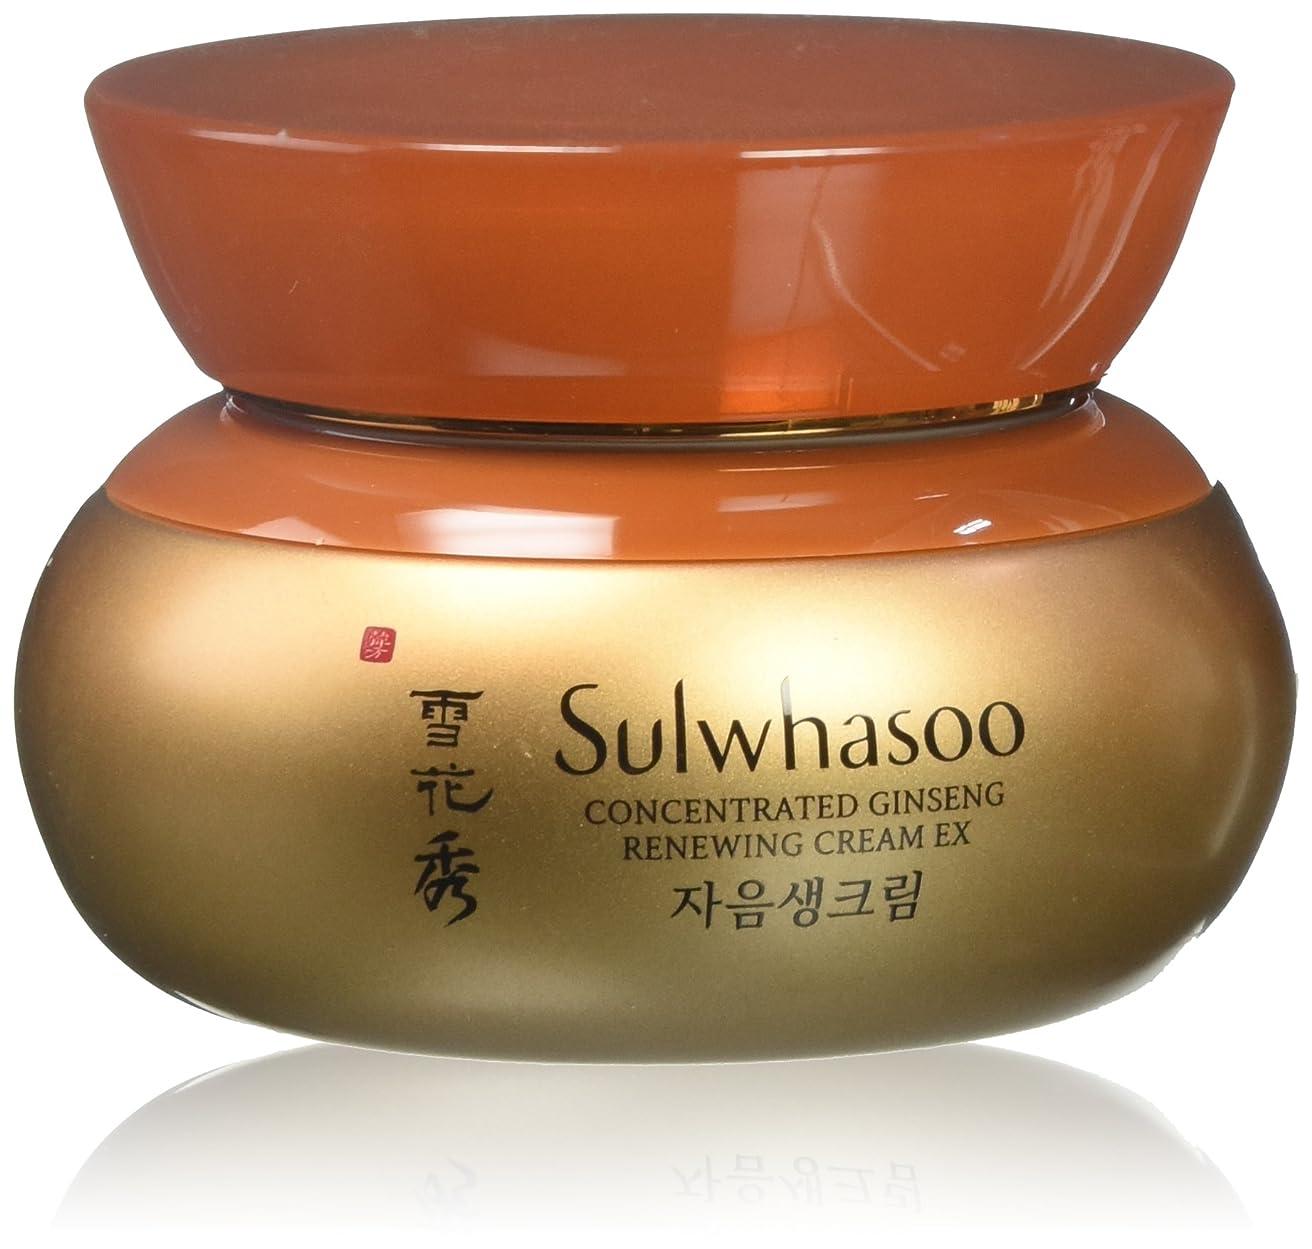 ブースペフ判読できない雪花秀 滋陰生(ジャウムセン)クリーム Concentrated Ginseng Cream 60ml